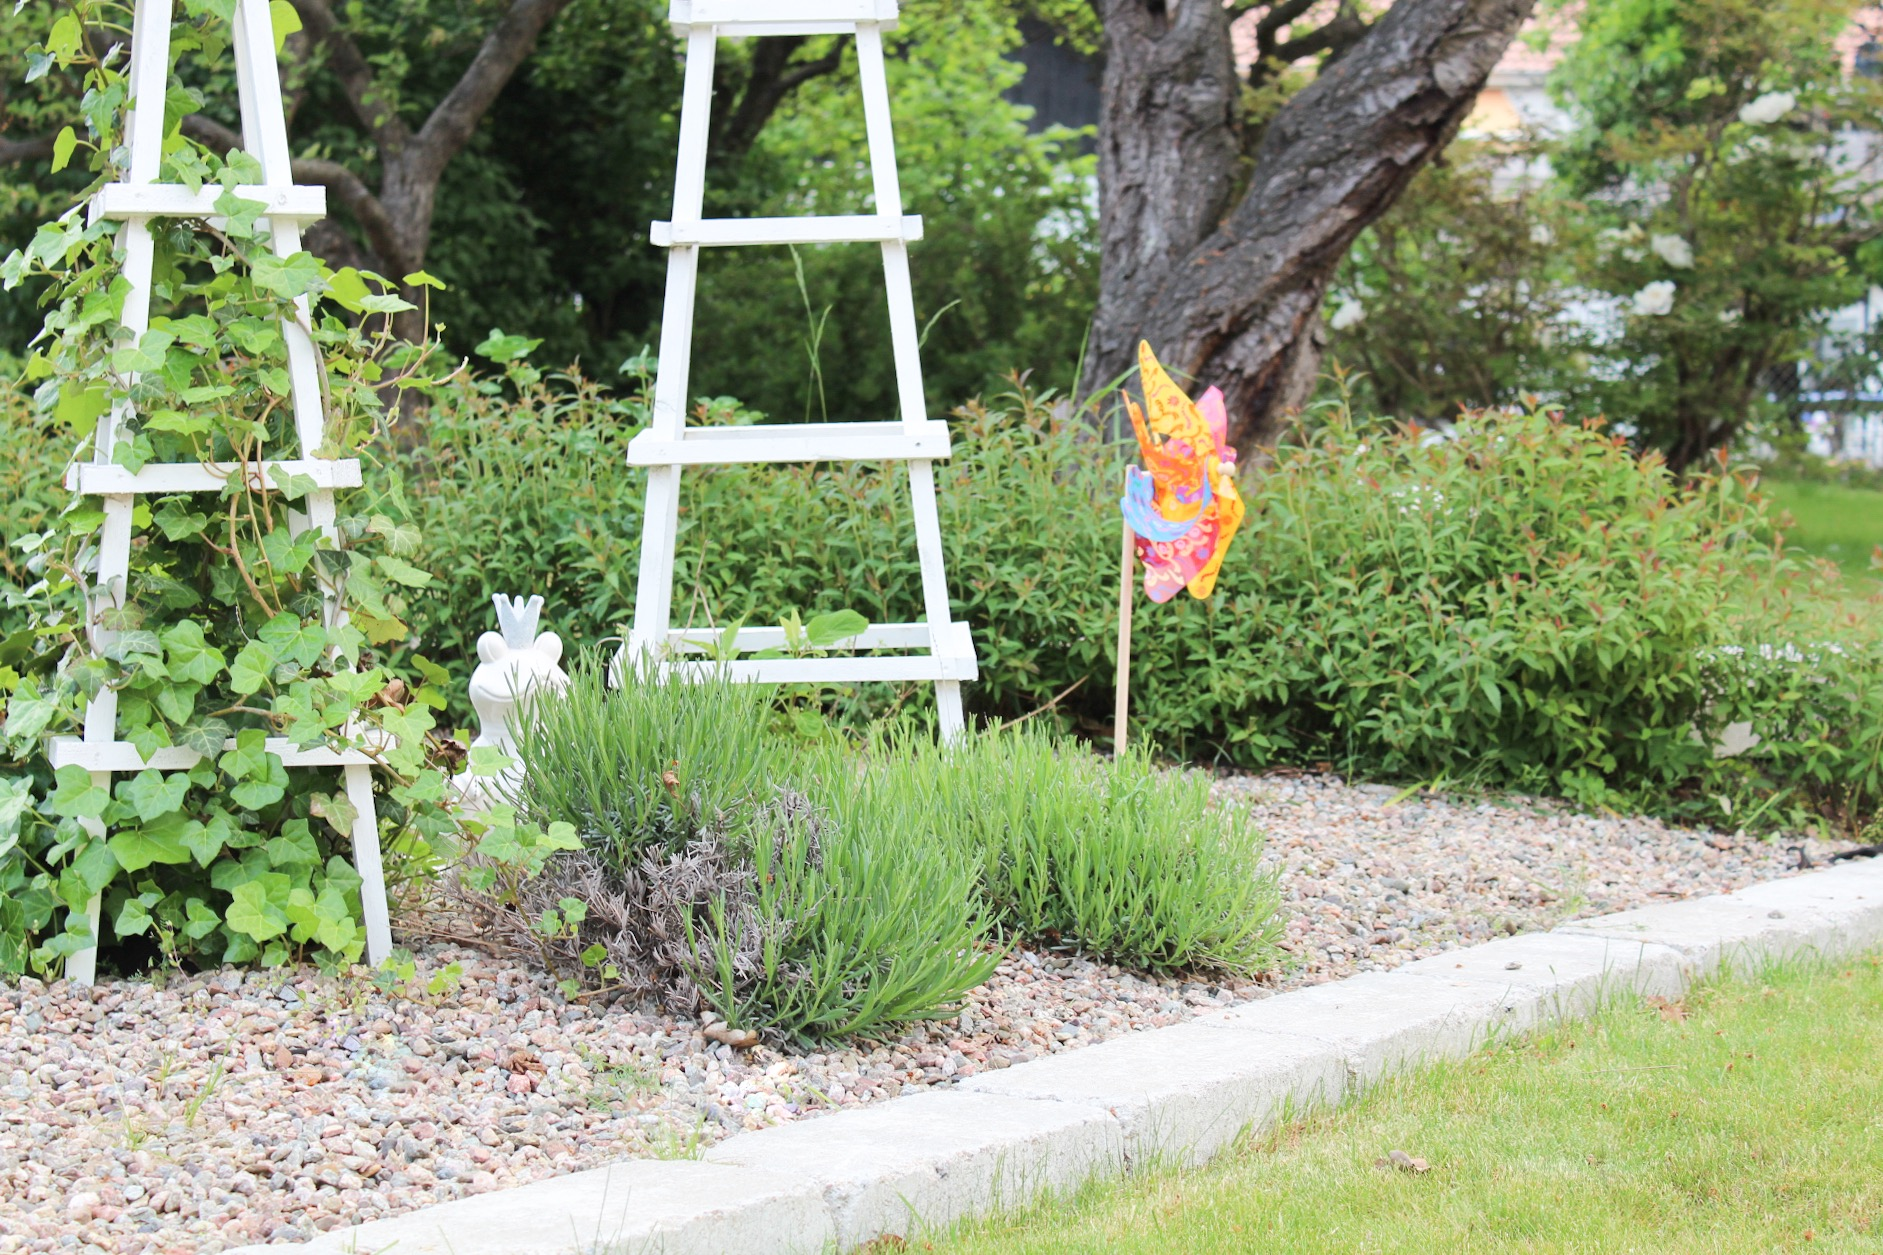 Reklam: Trädgård, trädgård, ack denna trädgård